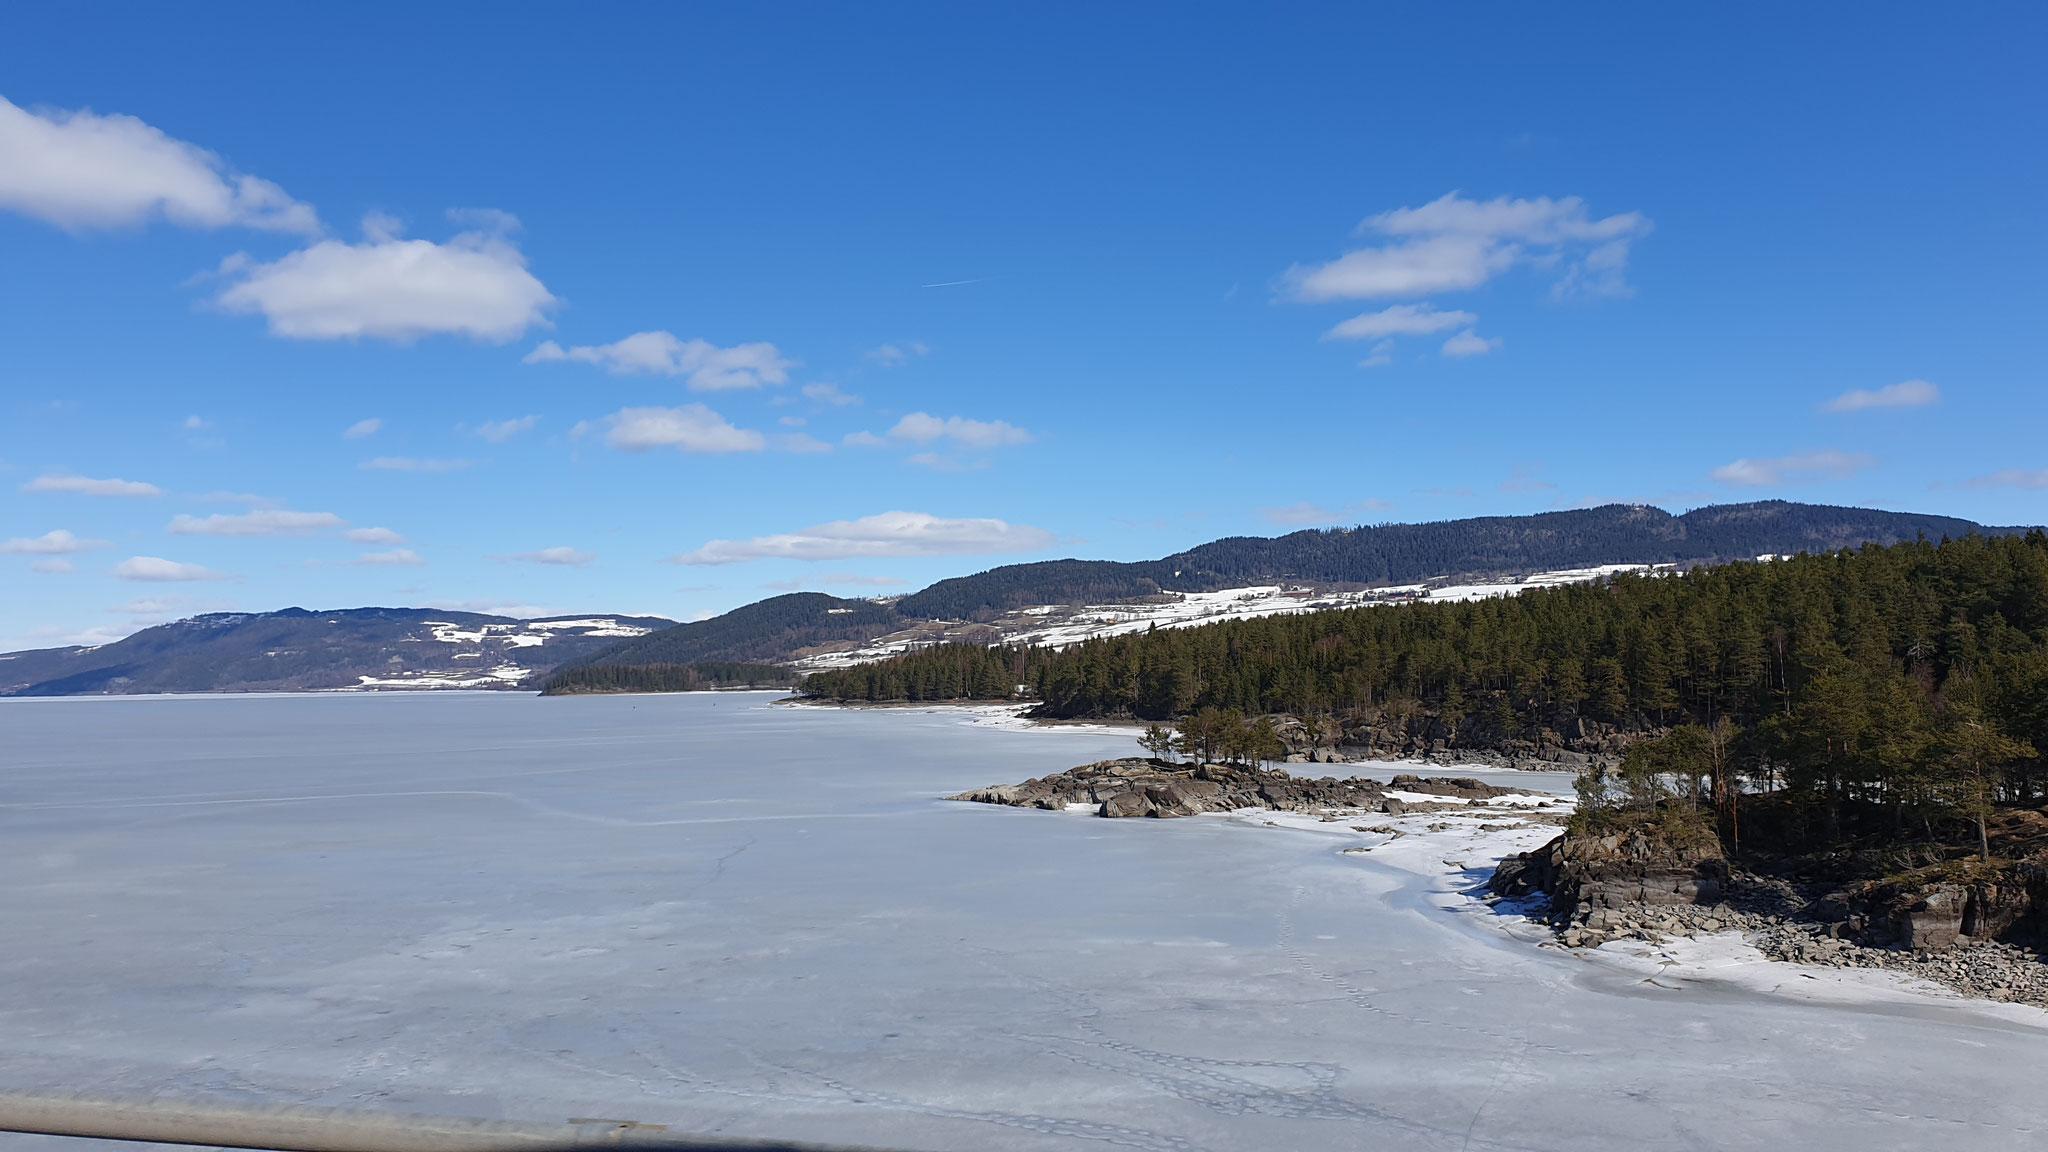 Der See ist total gefroren